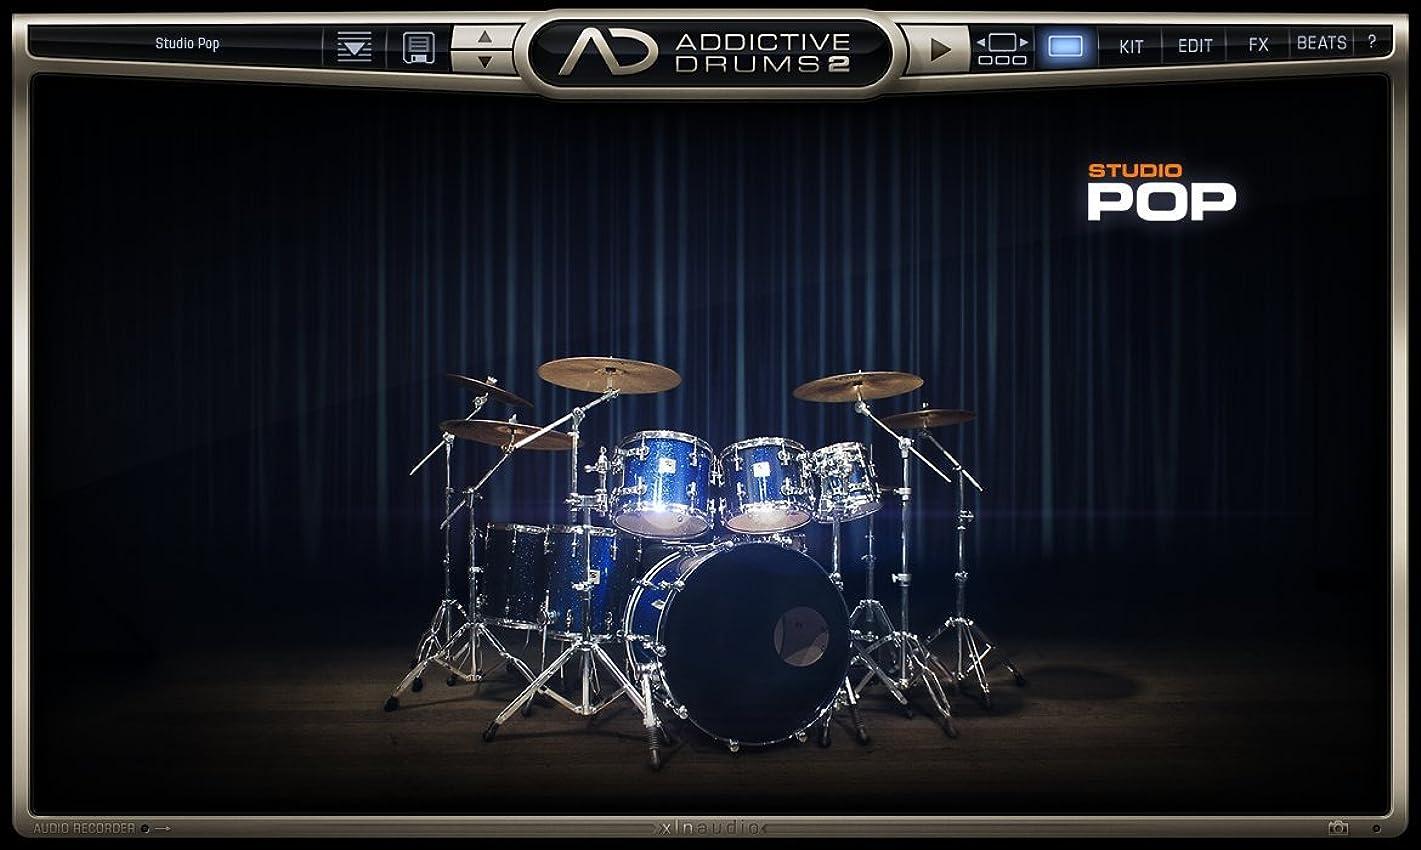 小石治安判事前任者XLN Audio Studio POP  Addictive Drums 2 専用拡張音源